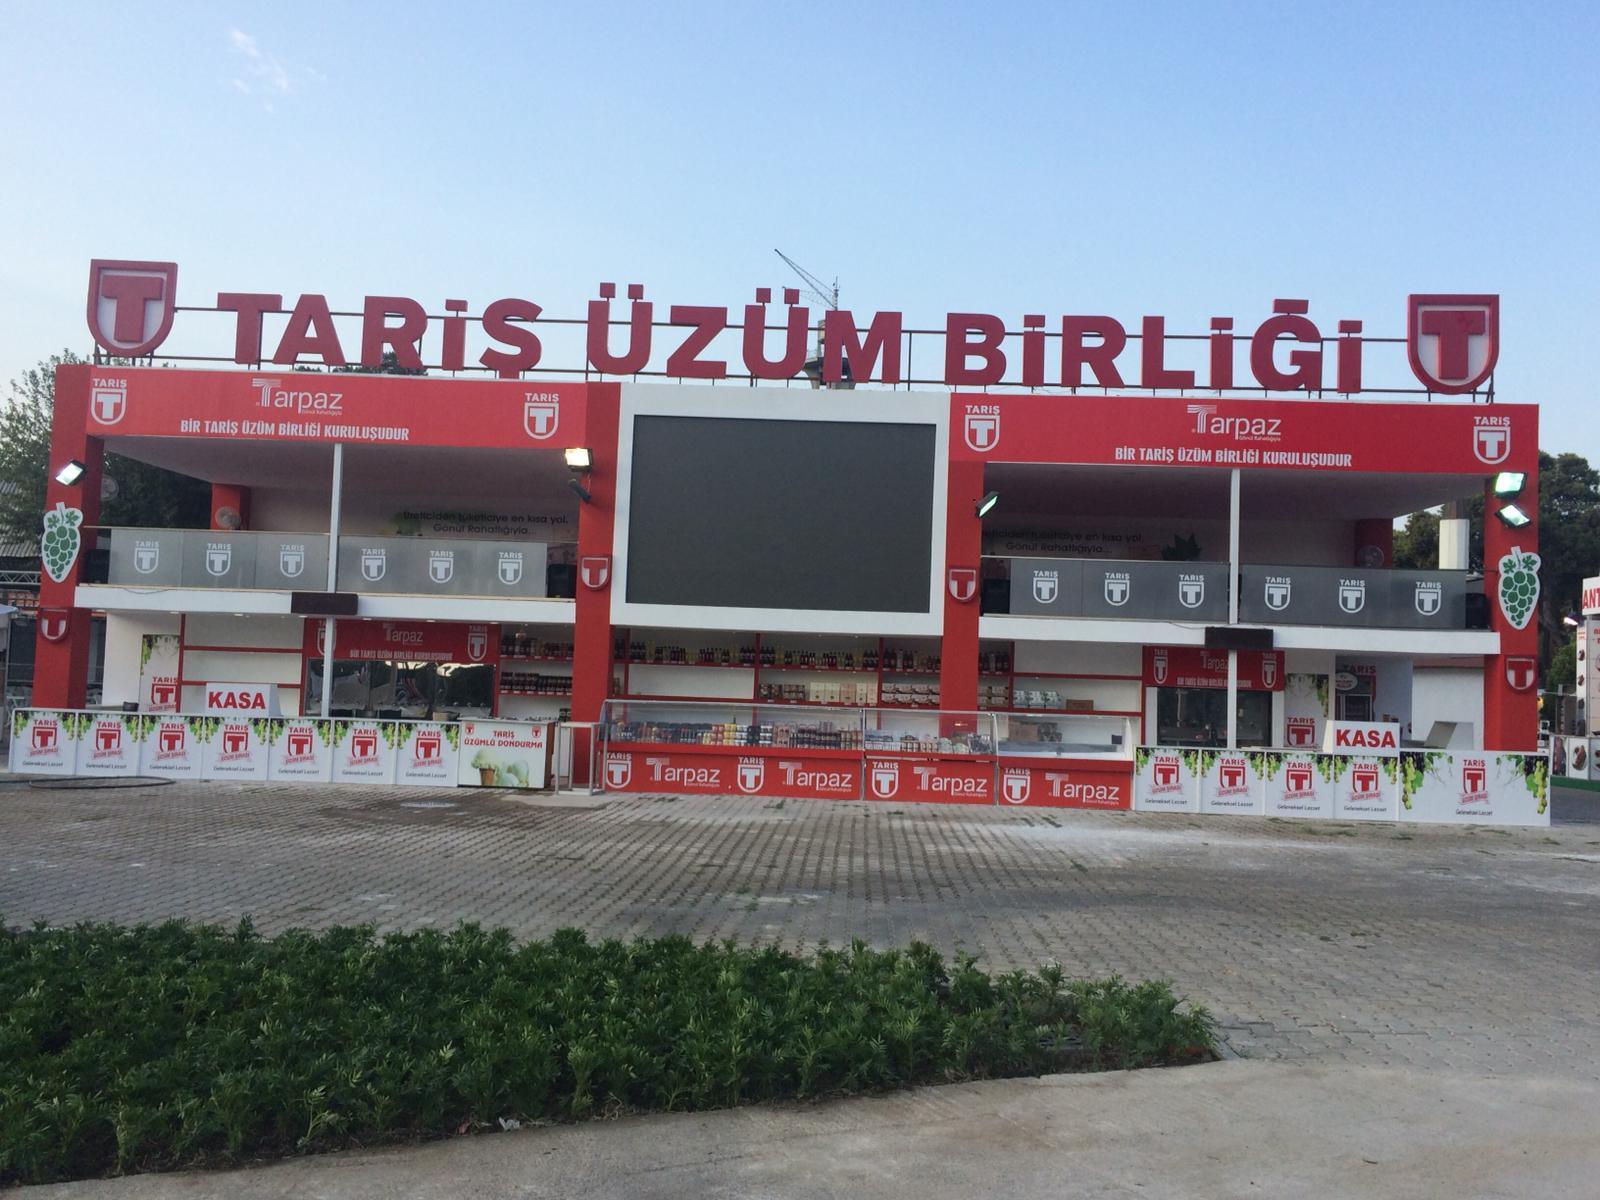 IEF FUARI -TARİŞ ÜZÜM BİRLİĞİ - TARP